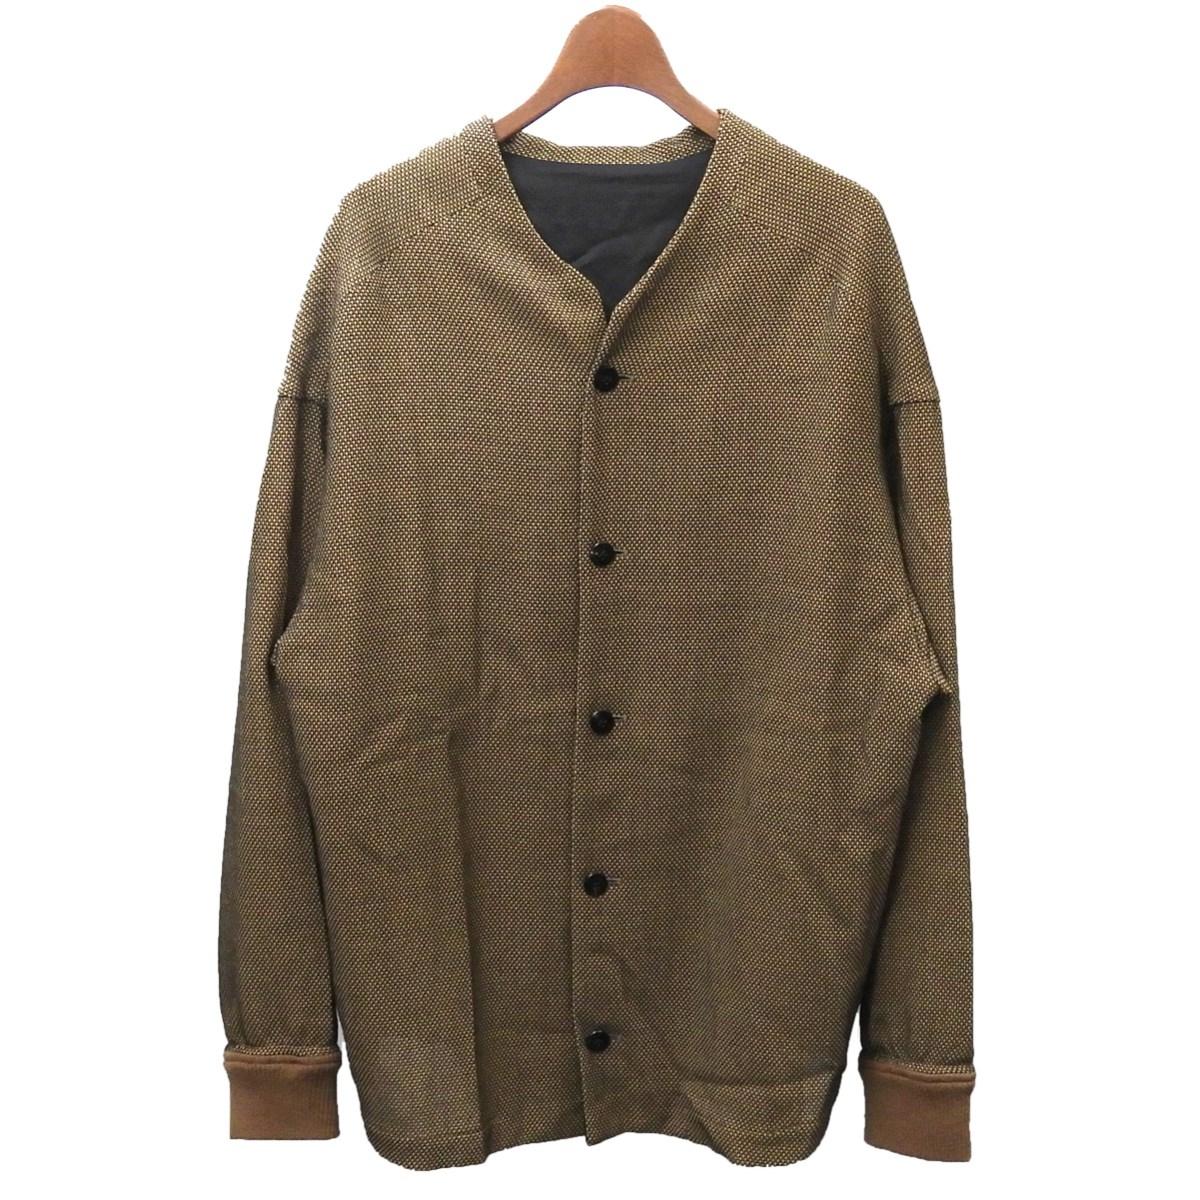 【中古】the Sakakiノーカラージャケット ブラウン サイズ:M 【4月2日見直し】